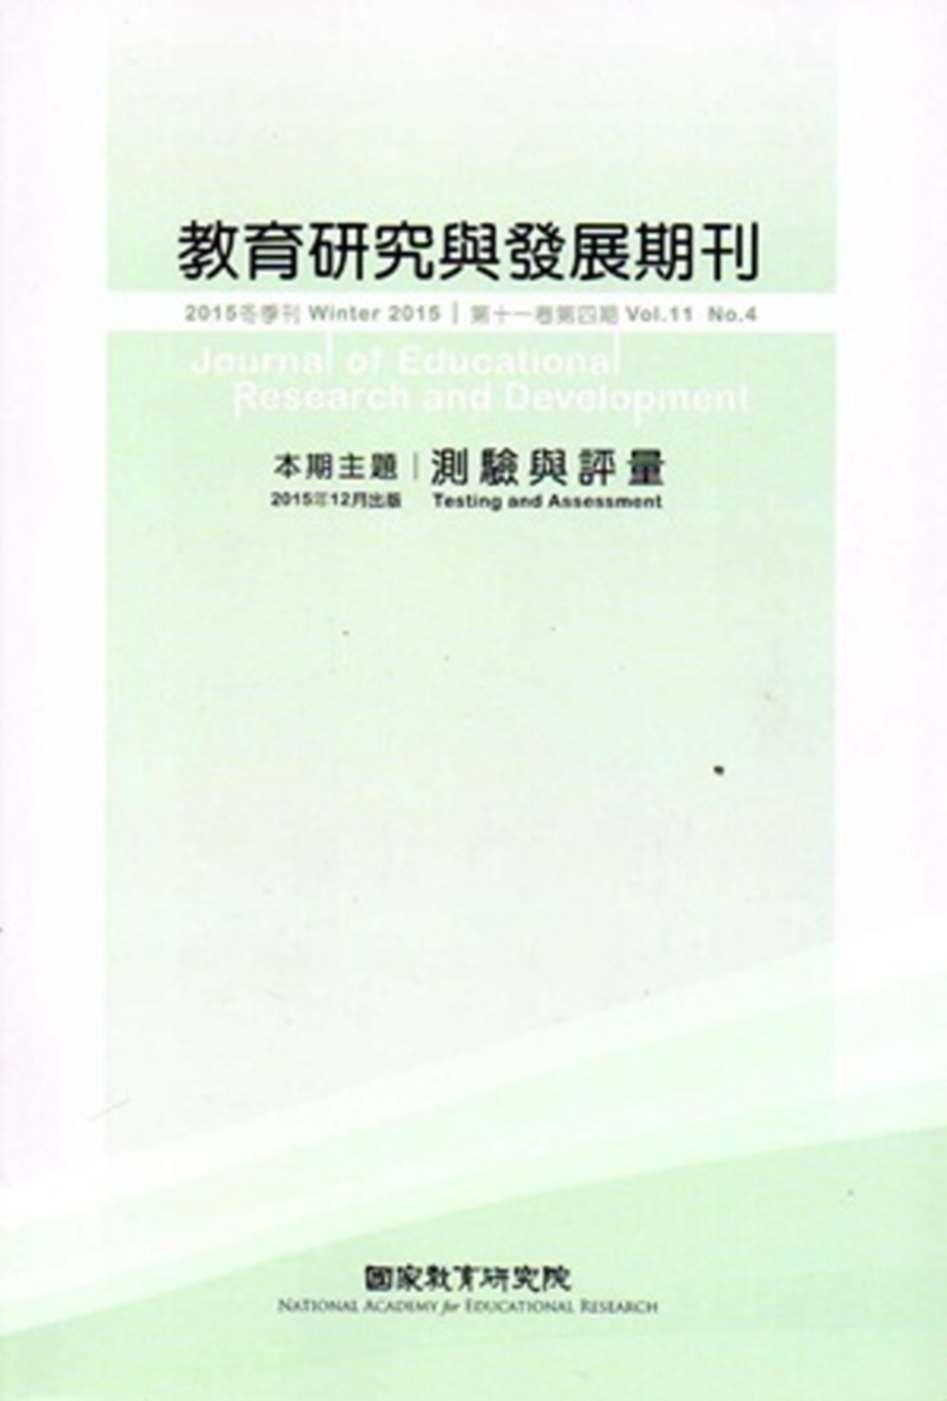 教育研究與發展期刊第11卷4期(104年冬季刊)